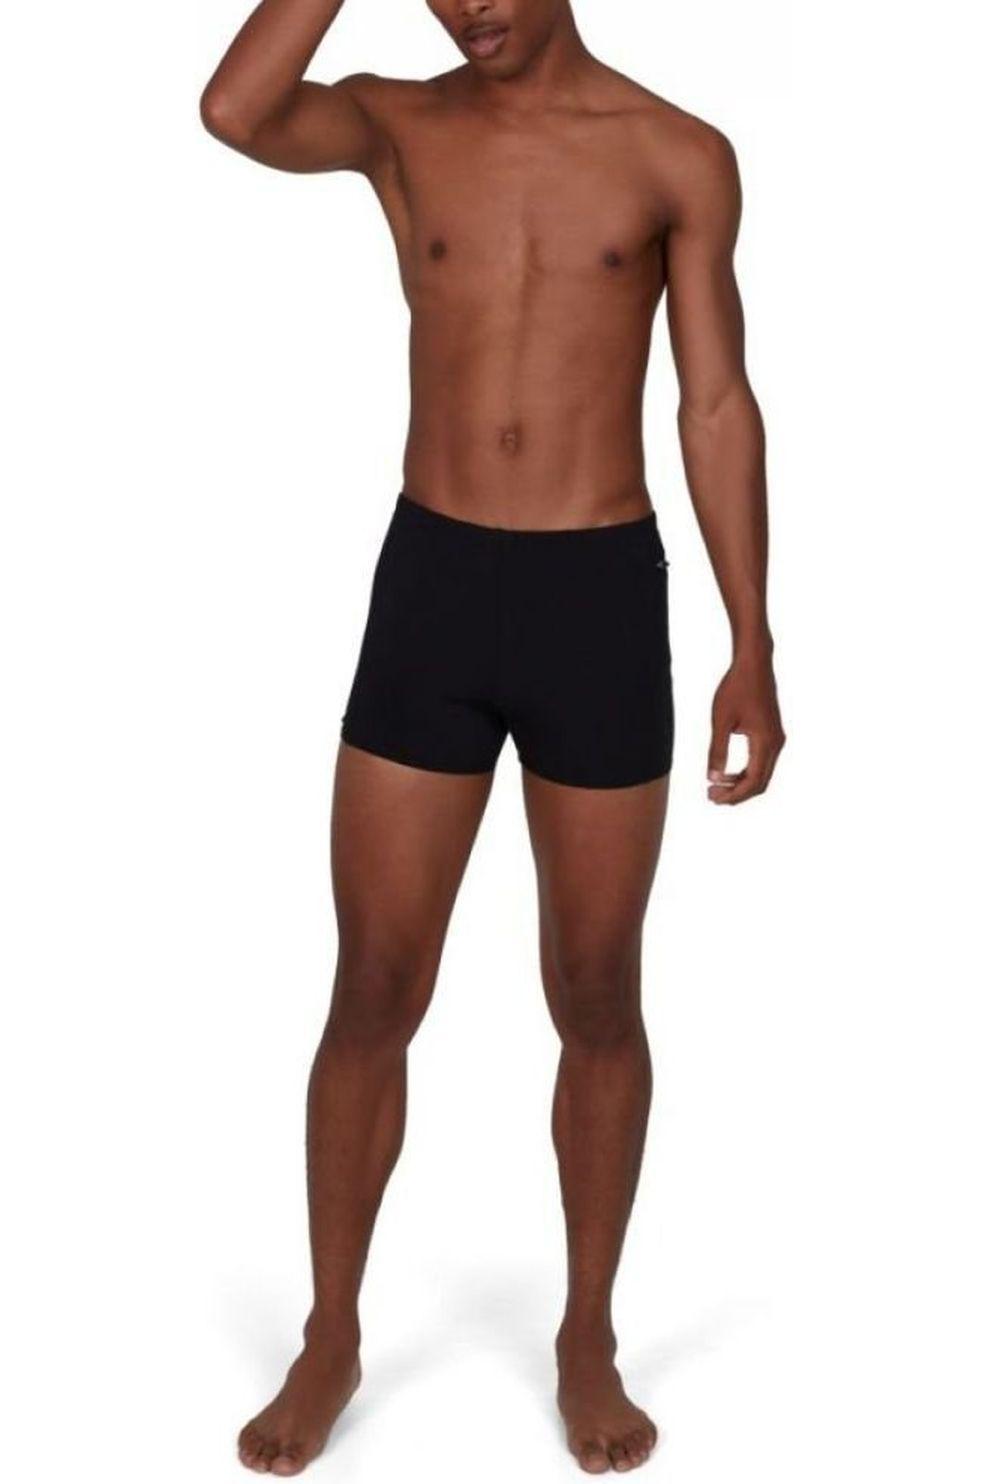 Speedo Slip Pocket Aquashort voor heren - Zwart/Grijs - Maten: 34, 36, 38, 40